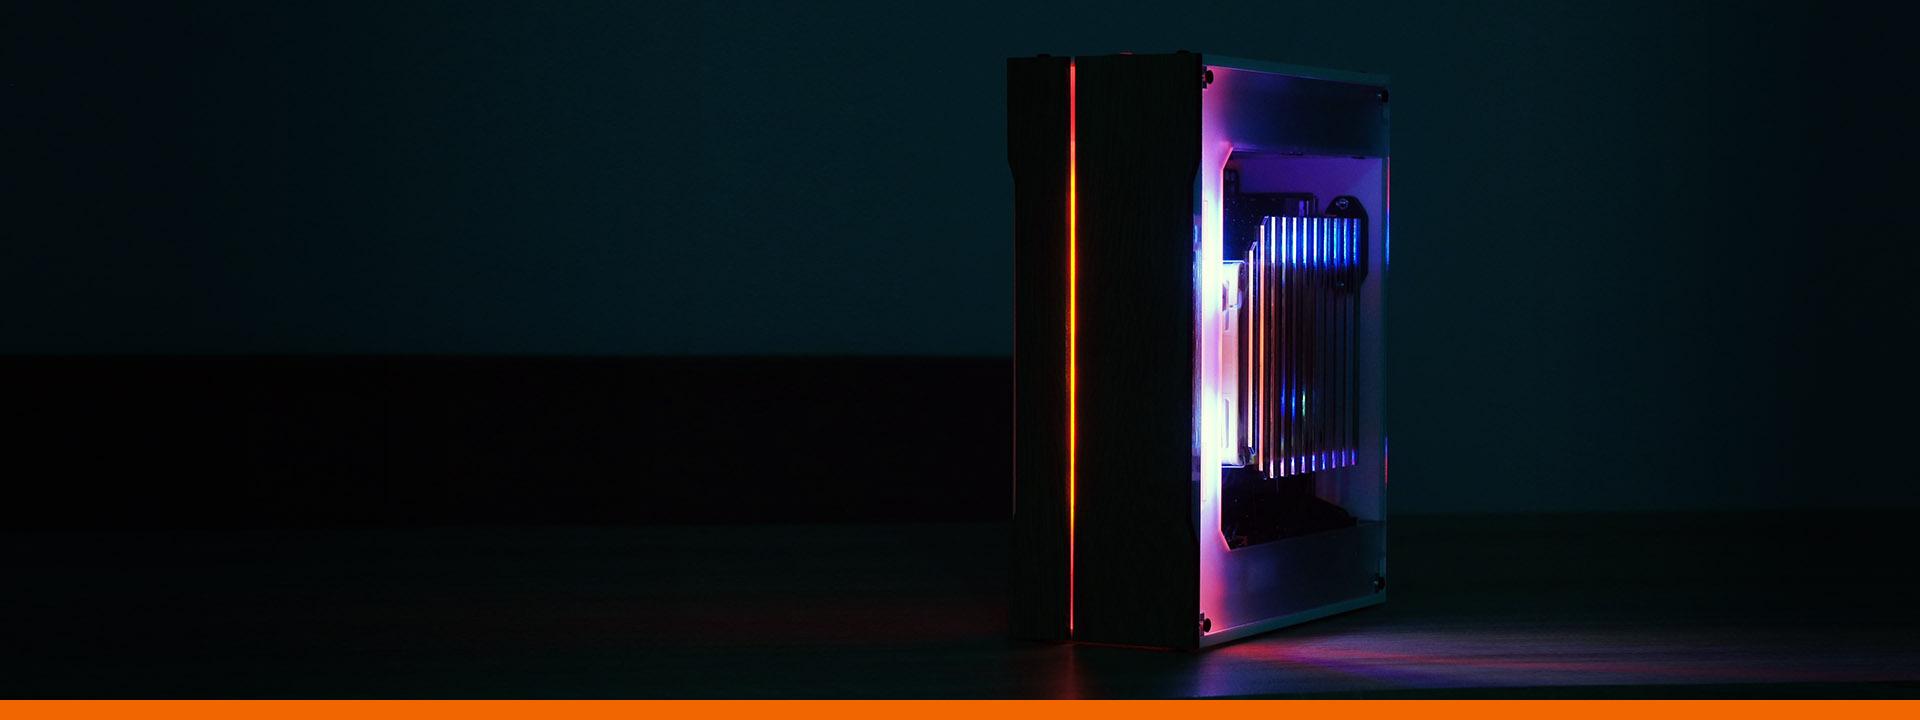 HT5-Dark-RGB-Banner-3